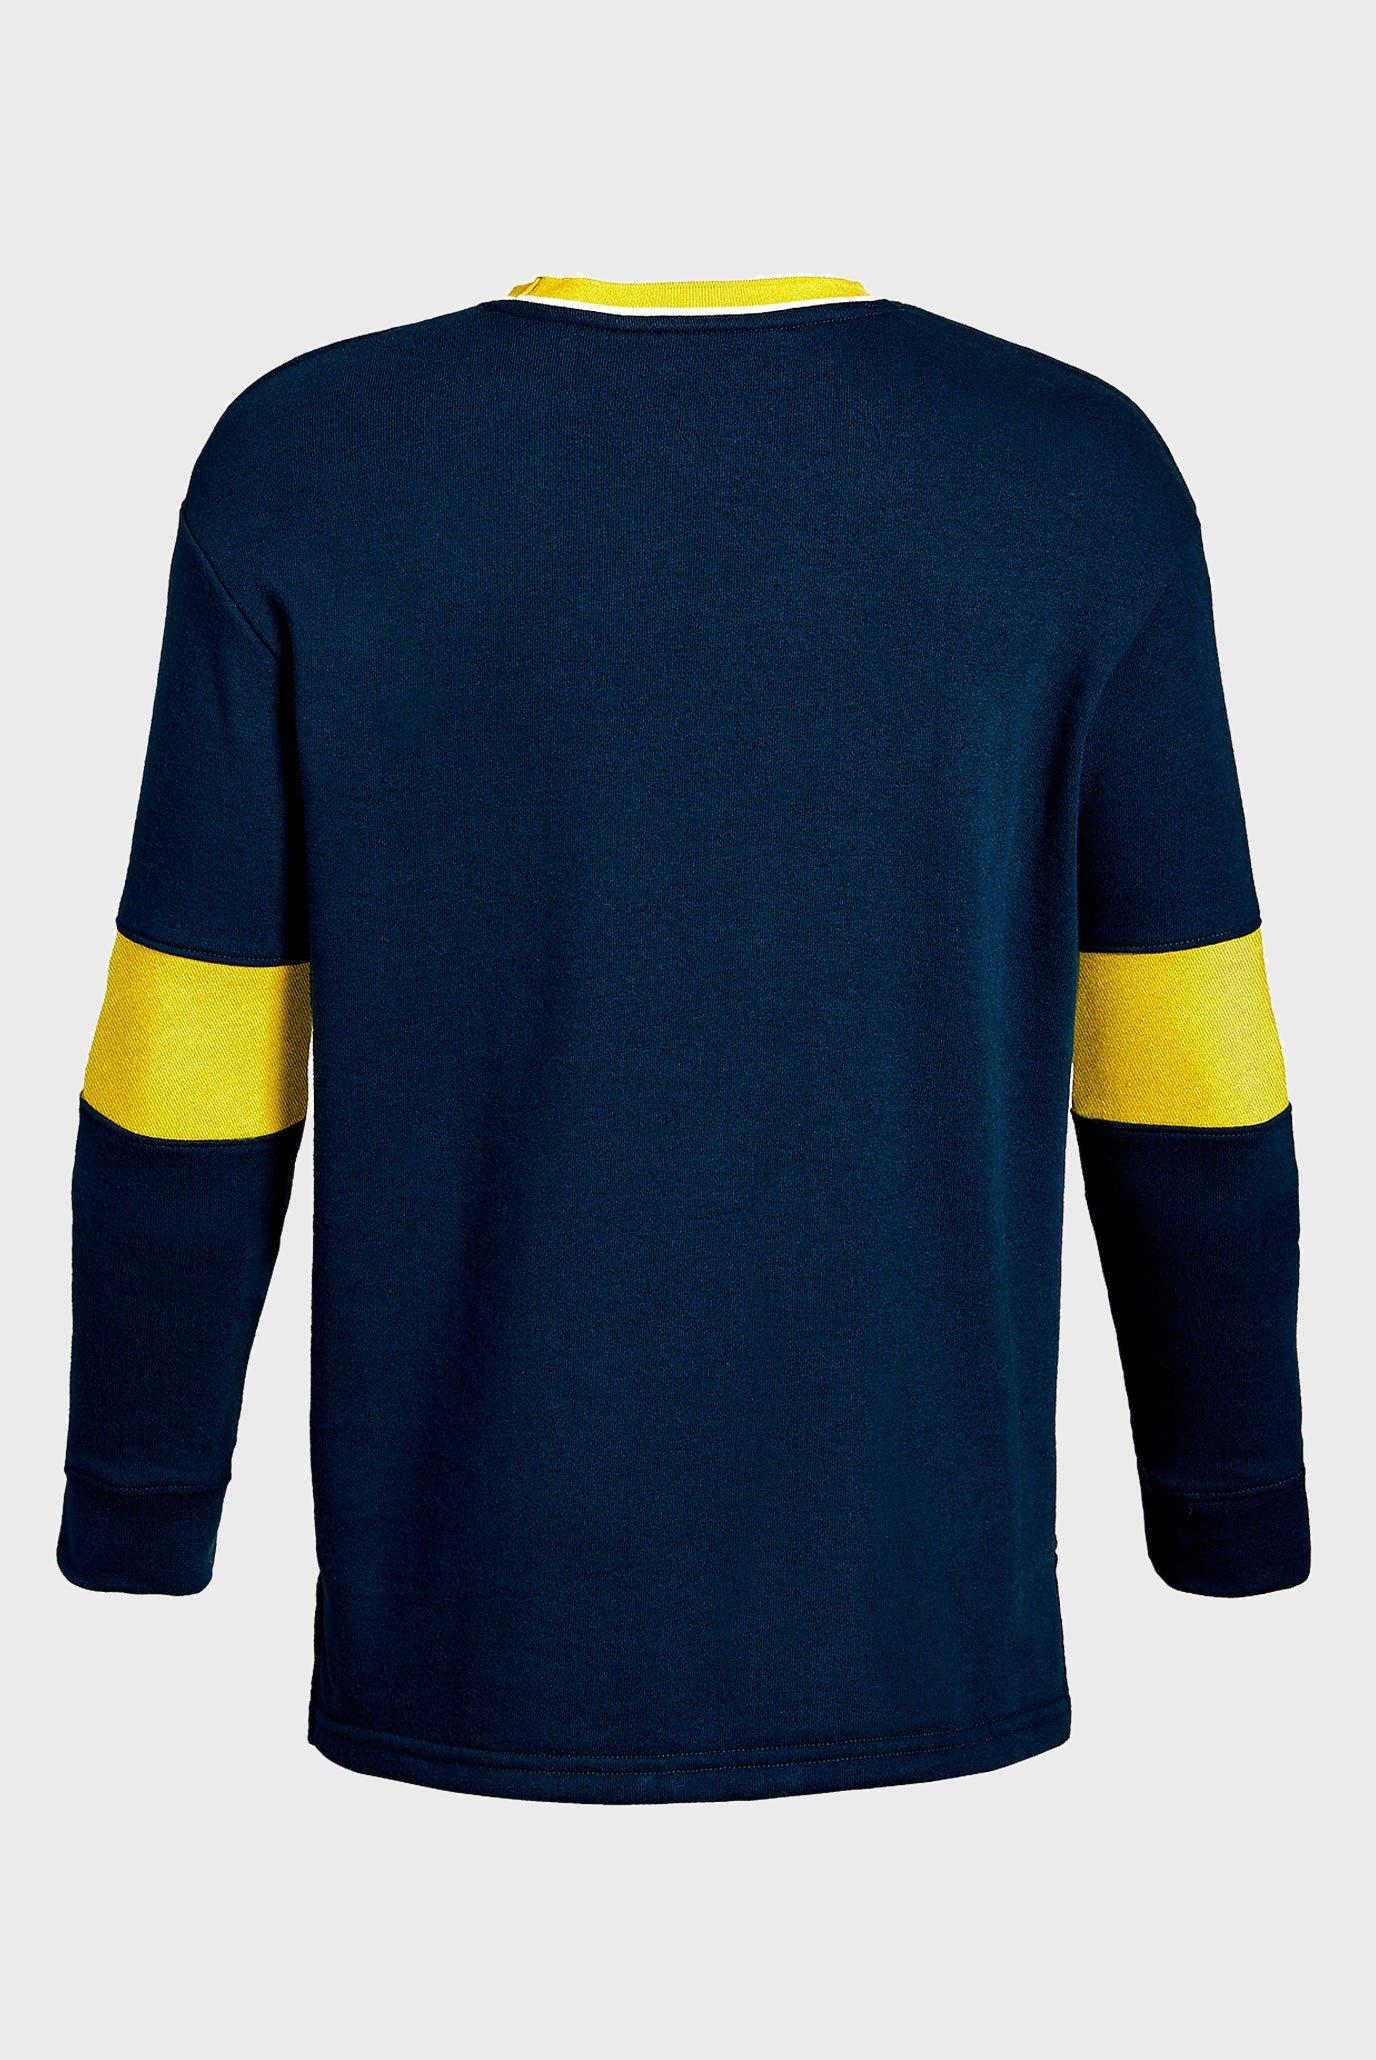 Купить Детский темно-синий свитшот Rival Terry Crew Under Armour Under Armour 1333035-408 – Киев, Украина. Цены в интернет магазине MD Fashion